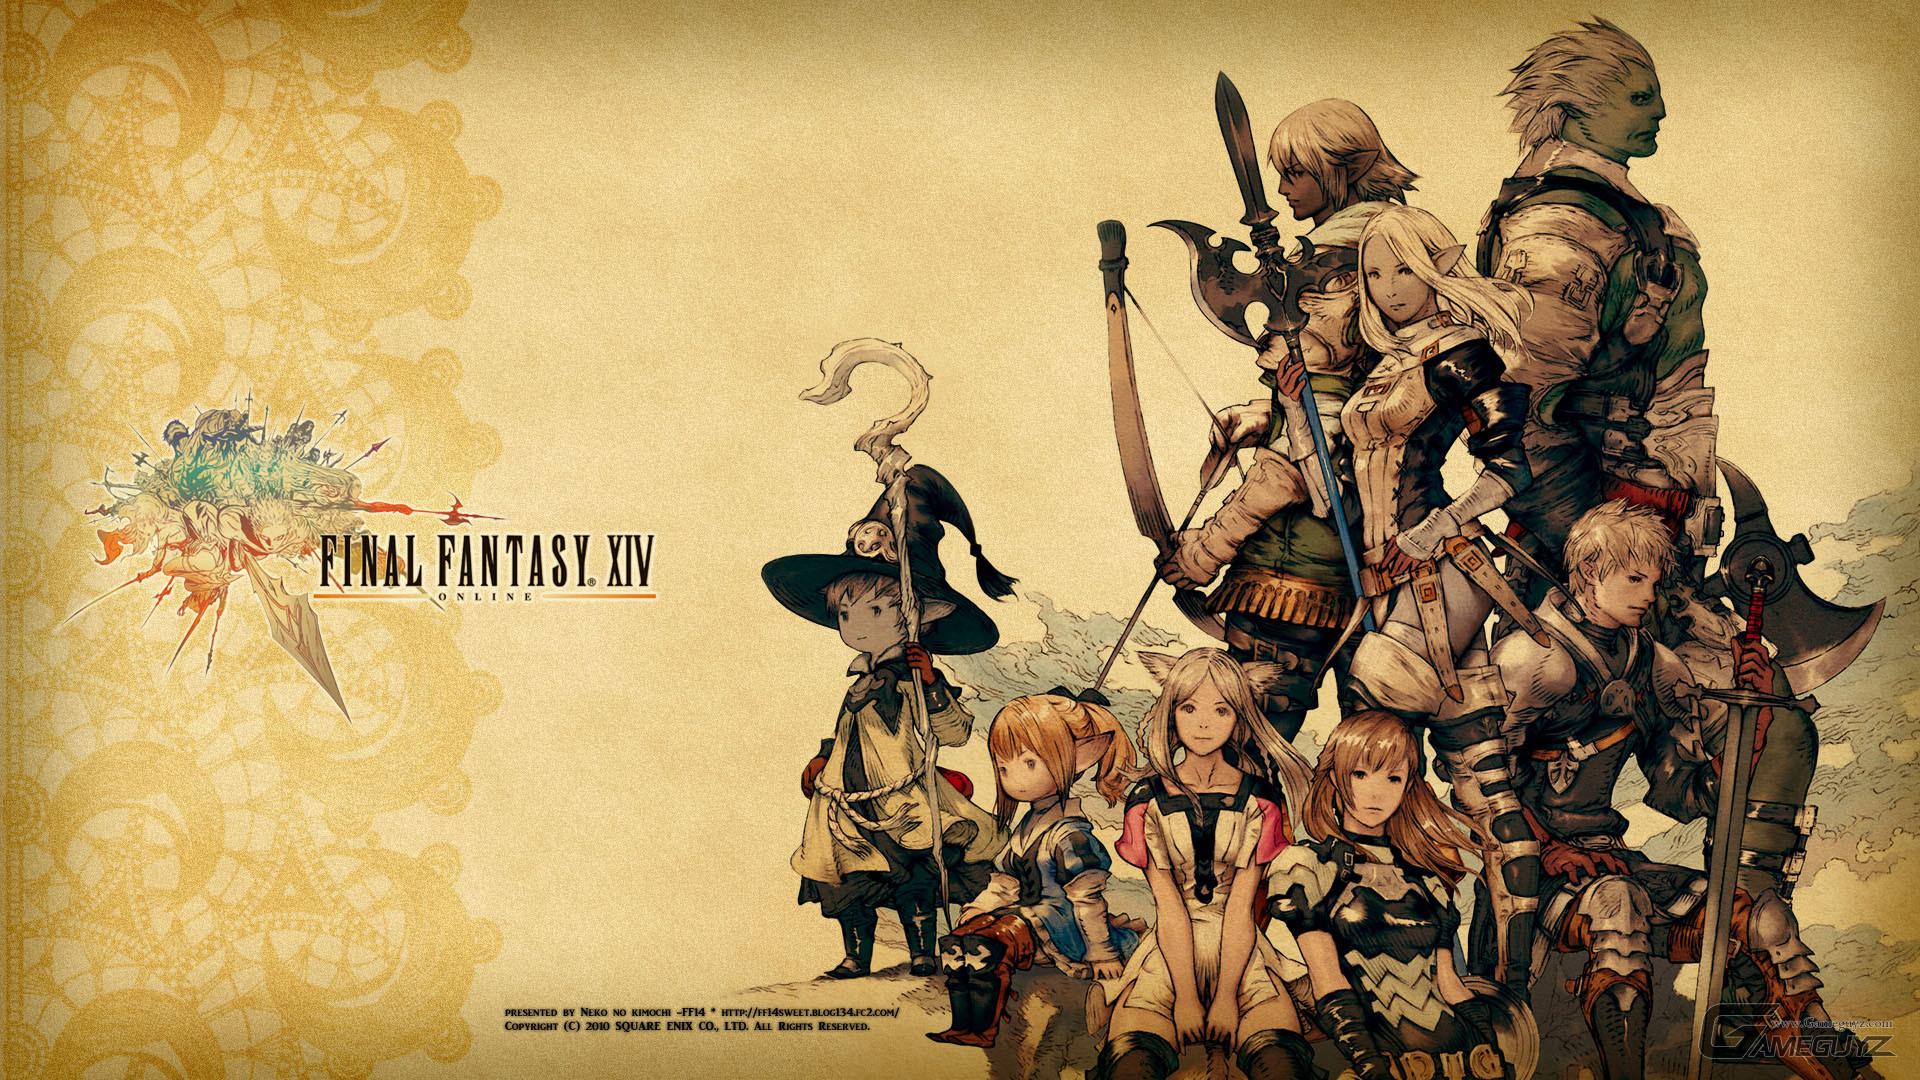 Final Fantasy Xiv Wallpaper 1080p